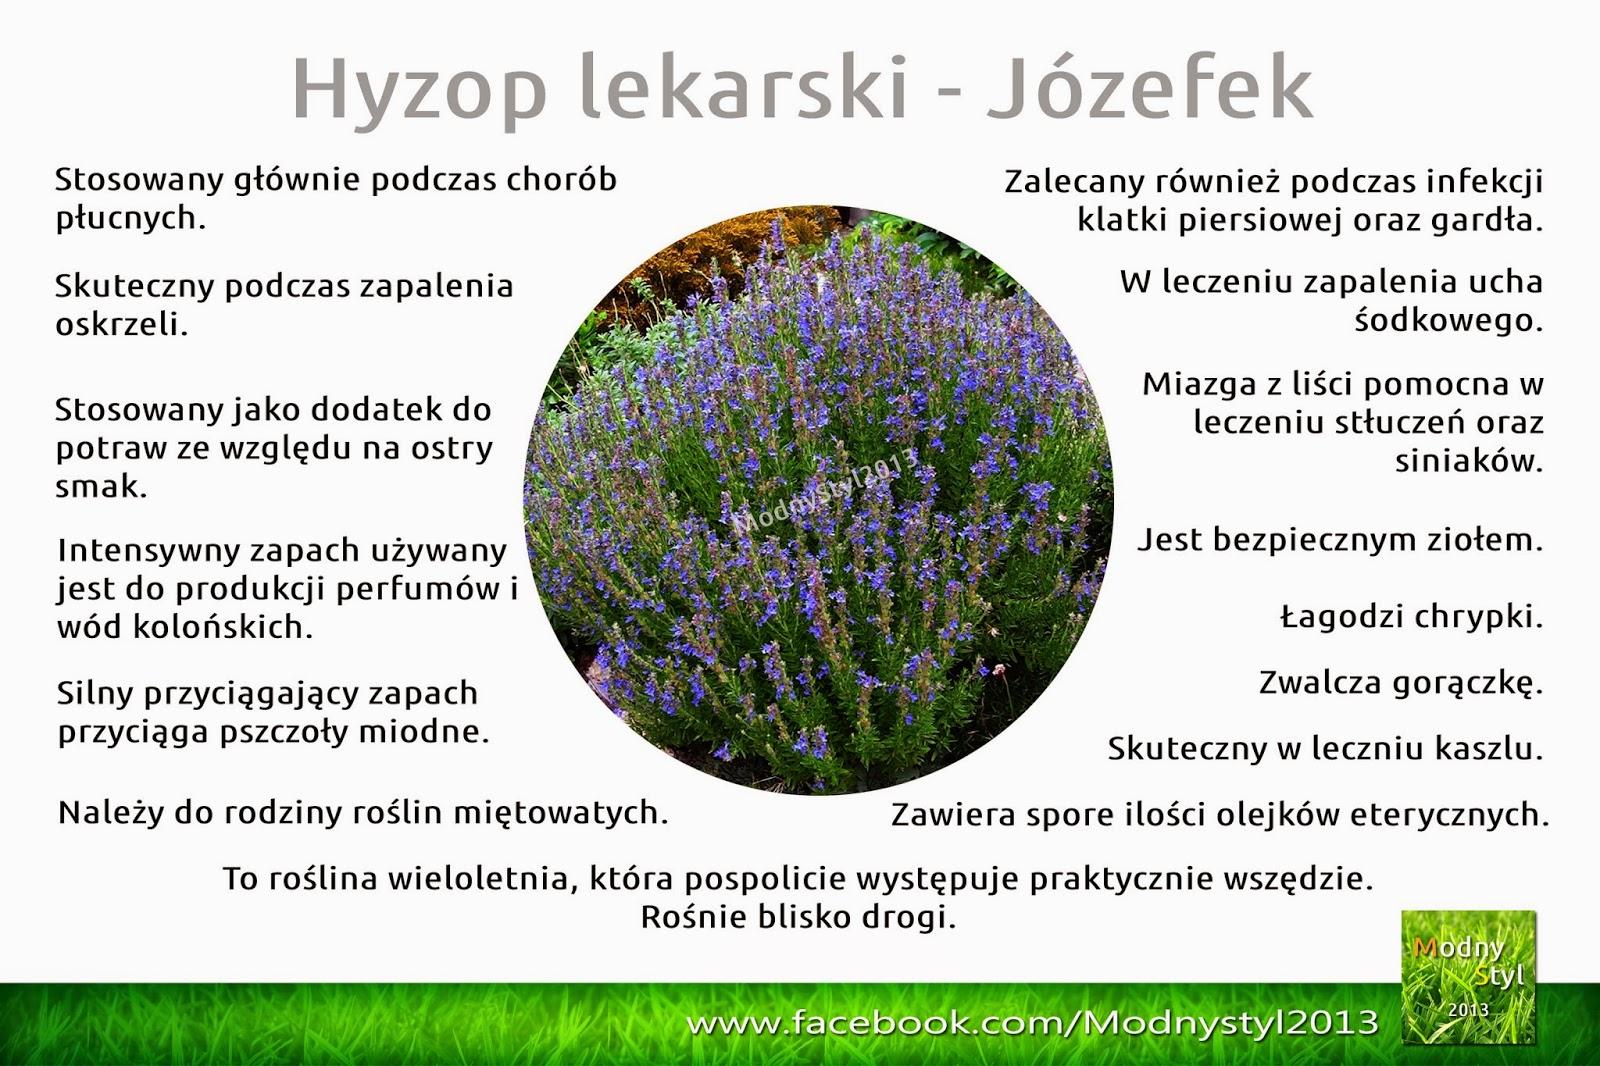 Hyzop lekarski czyli Józefek